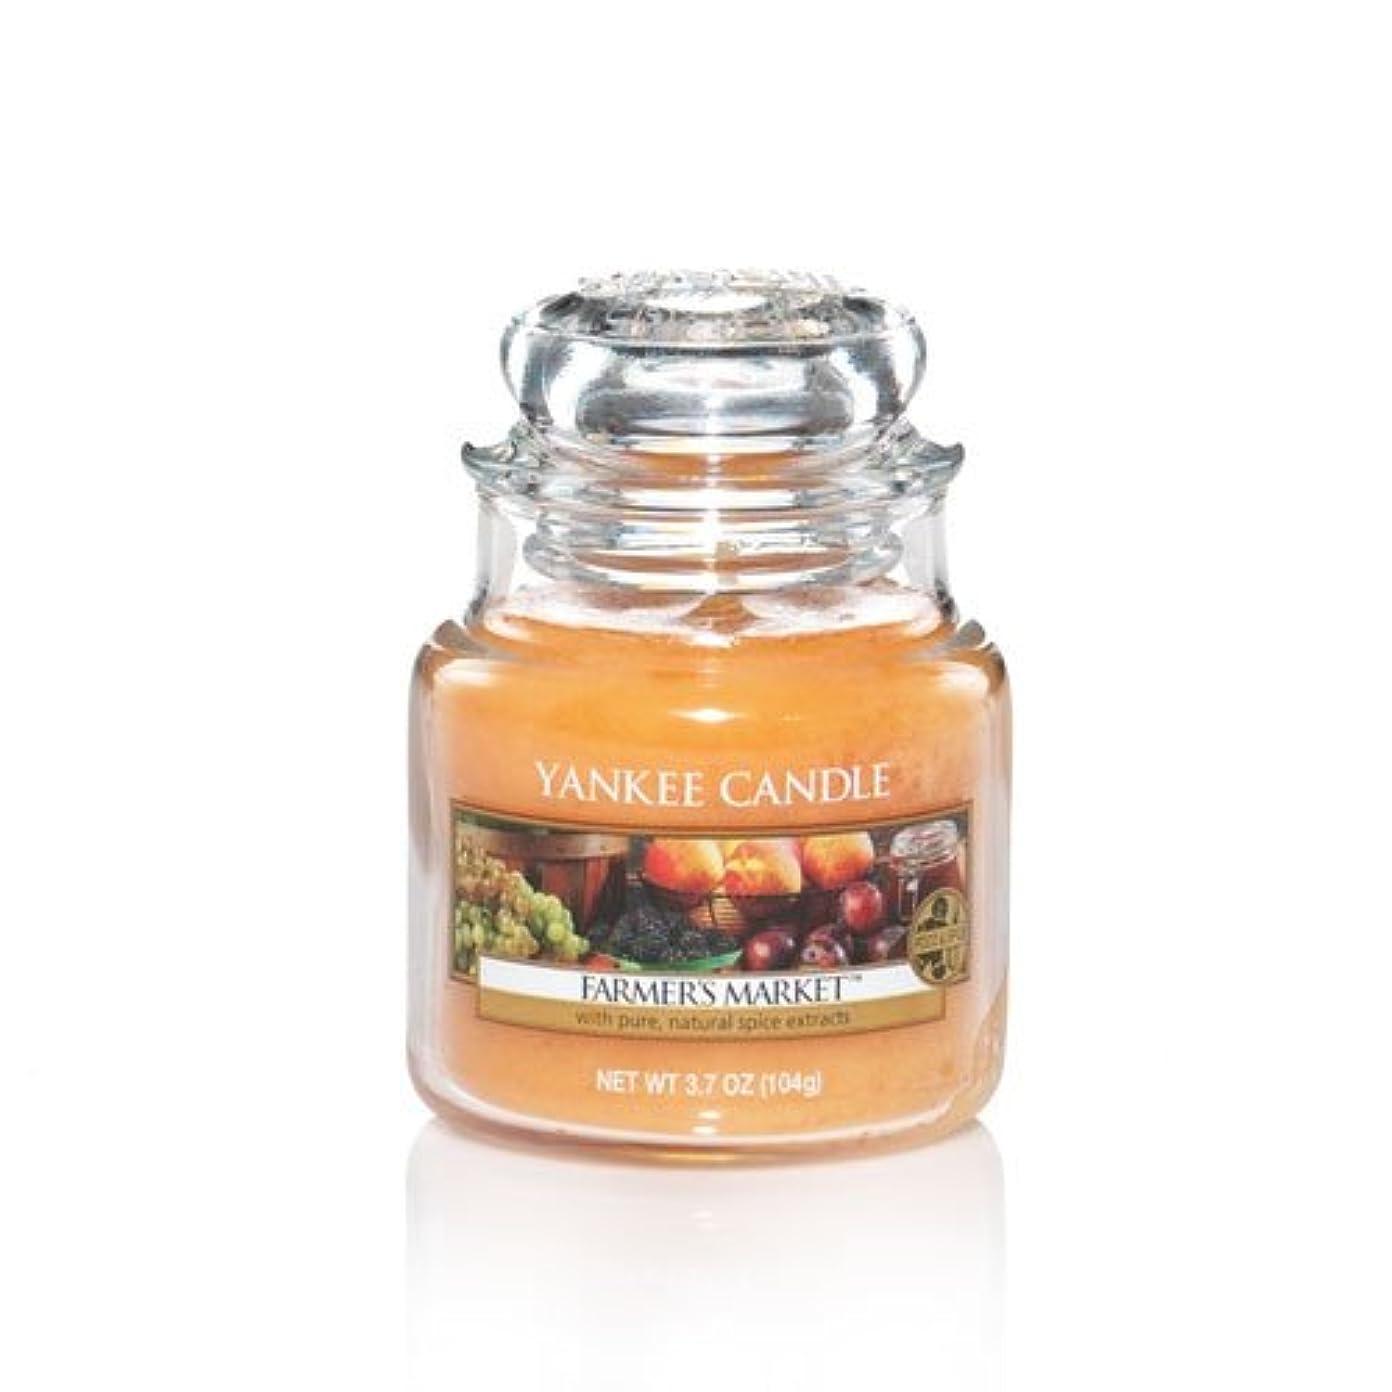 次勝利素朴なYankee Candle Farmer 's Market Small Jar Candle, Food & Spice香り